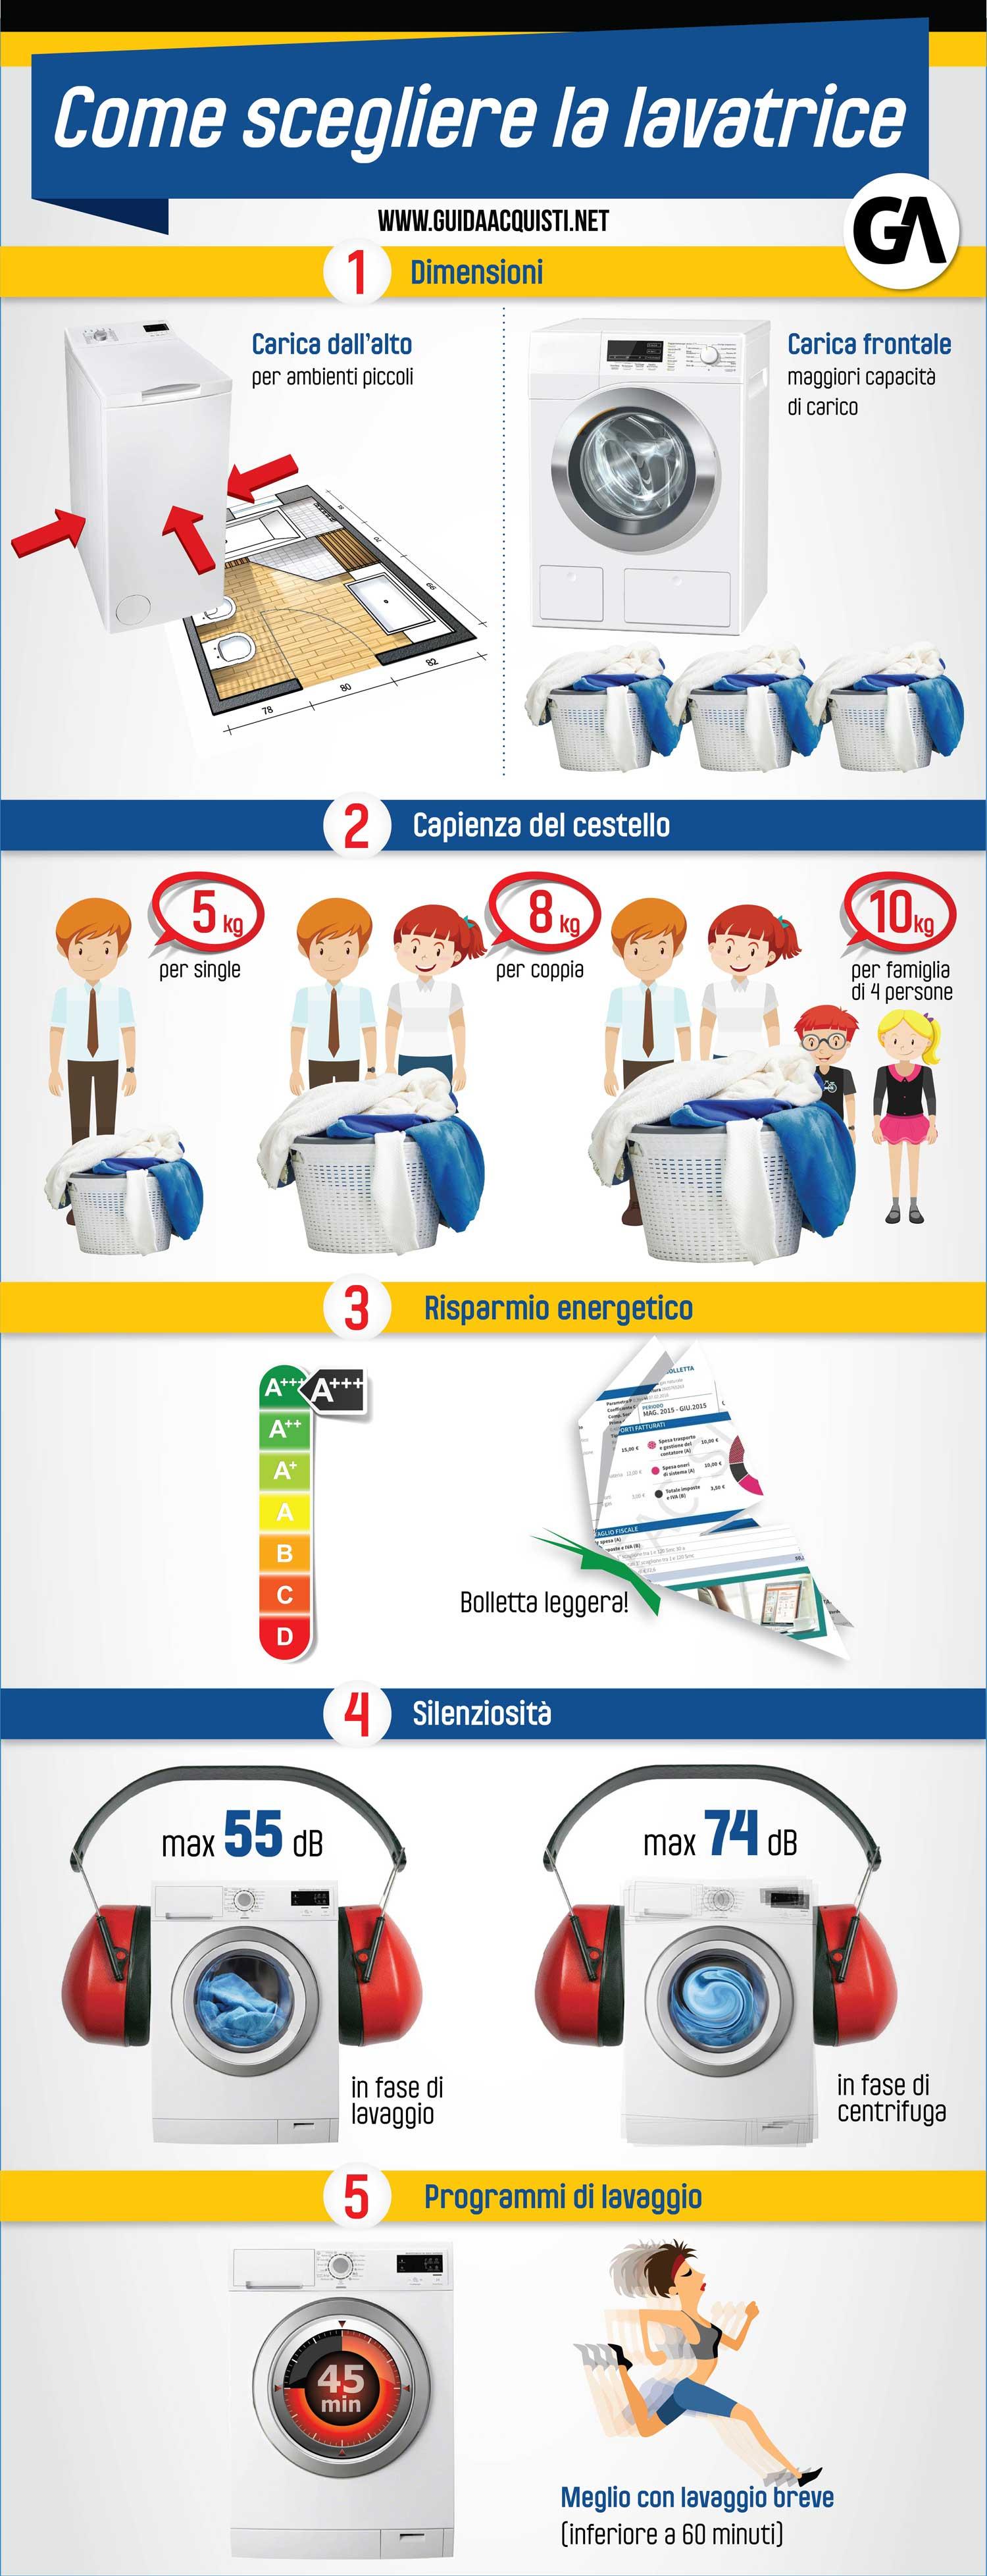 infografica dedicata a come scegliere la lavatrice